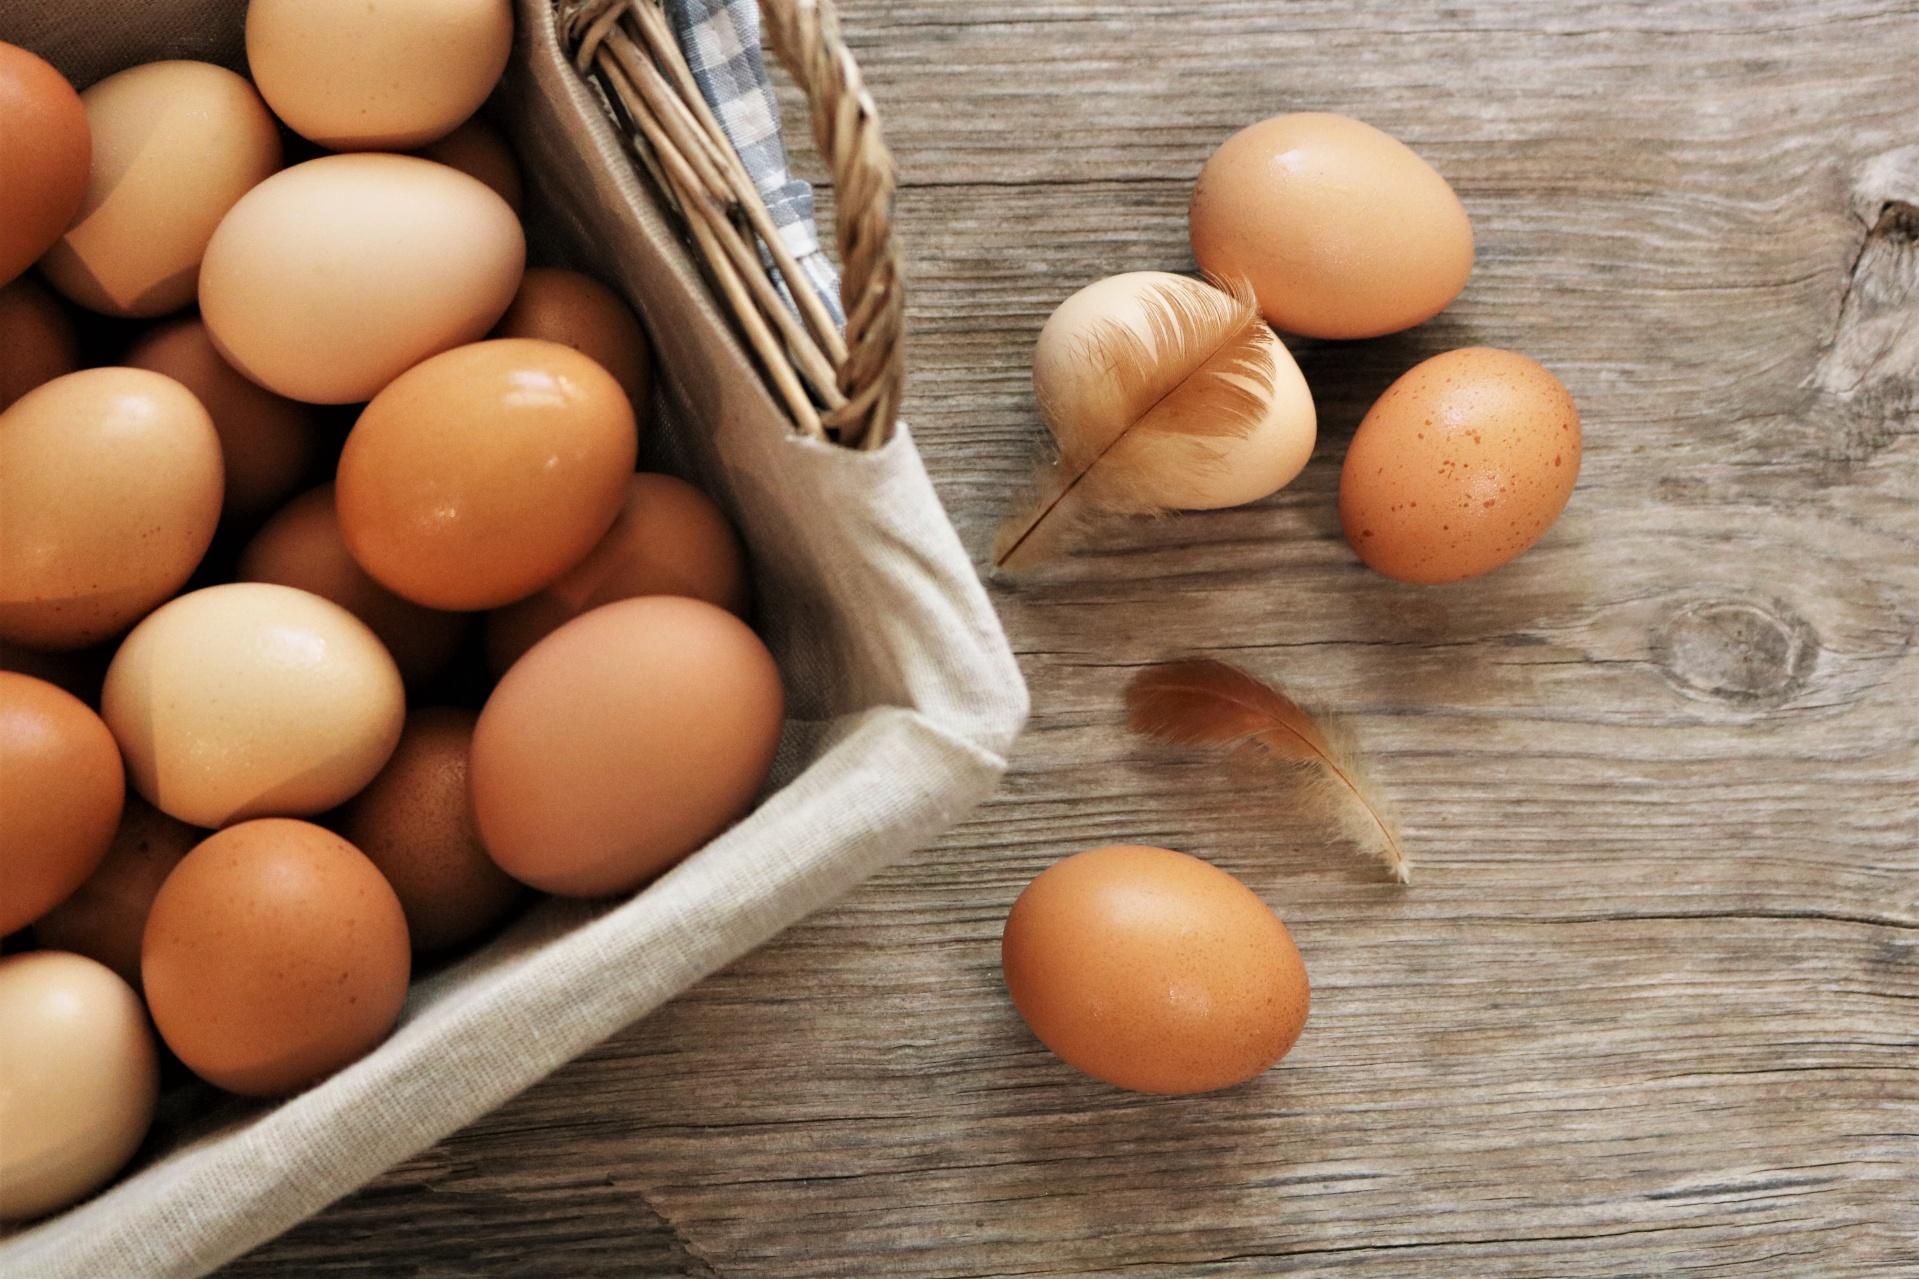 Przechowujesz jajka w drzwiach lodówki? Natychmiast je wyjmij, popełniasz karygodny błąd